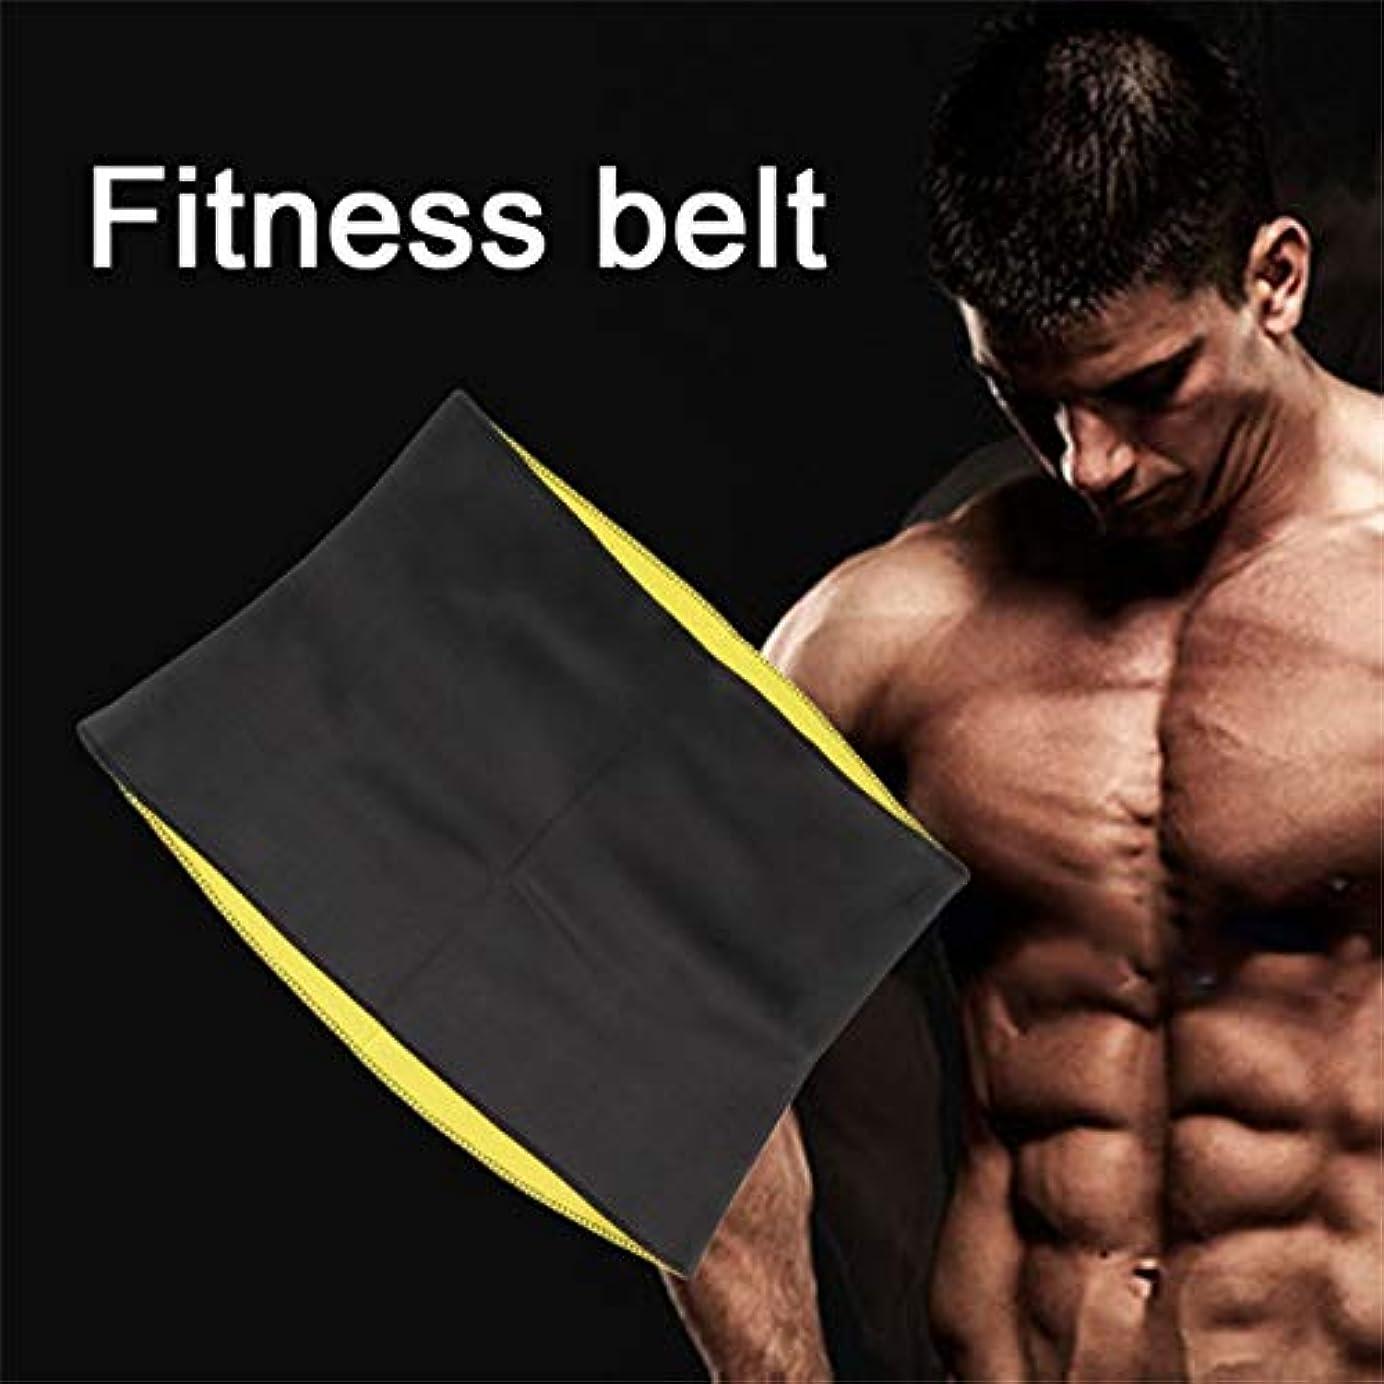 キャンペーン聖職者不快なWomen Adult Solid Neoprene Healthy Slimming Weight Loss Waist Belts Body Shaper Slimming Trainer Trimmer Corsets